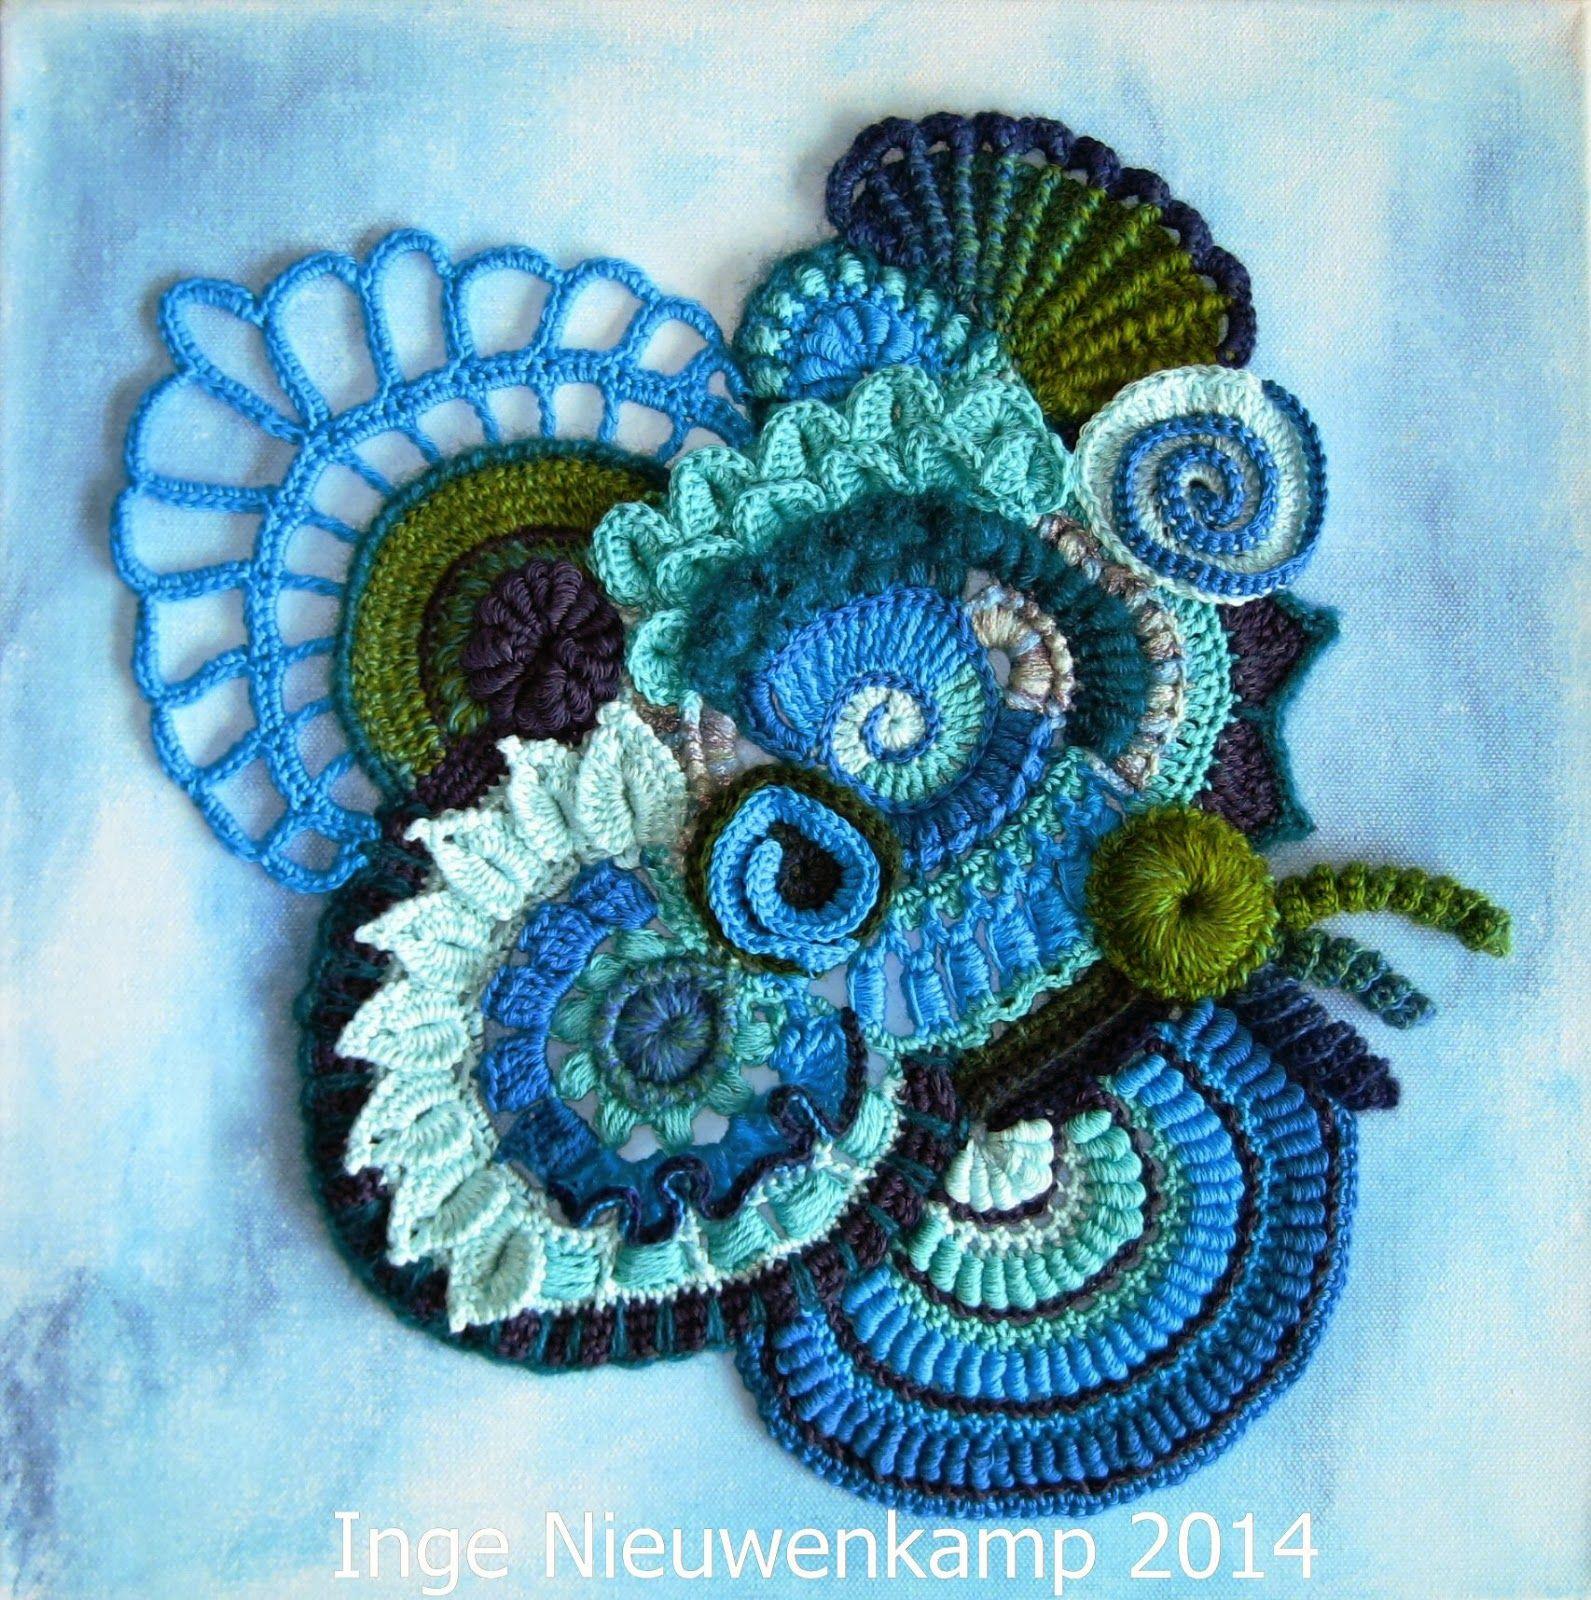 Krea d\' IngeN: Vrij haakwerk / Freeform Crochet Scrumble (3) | Haken ...